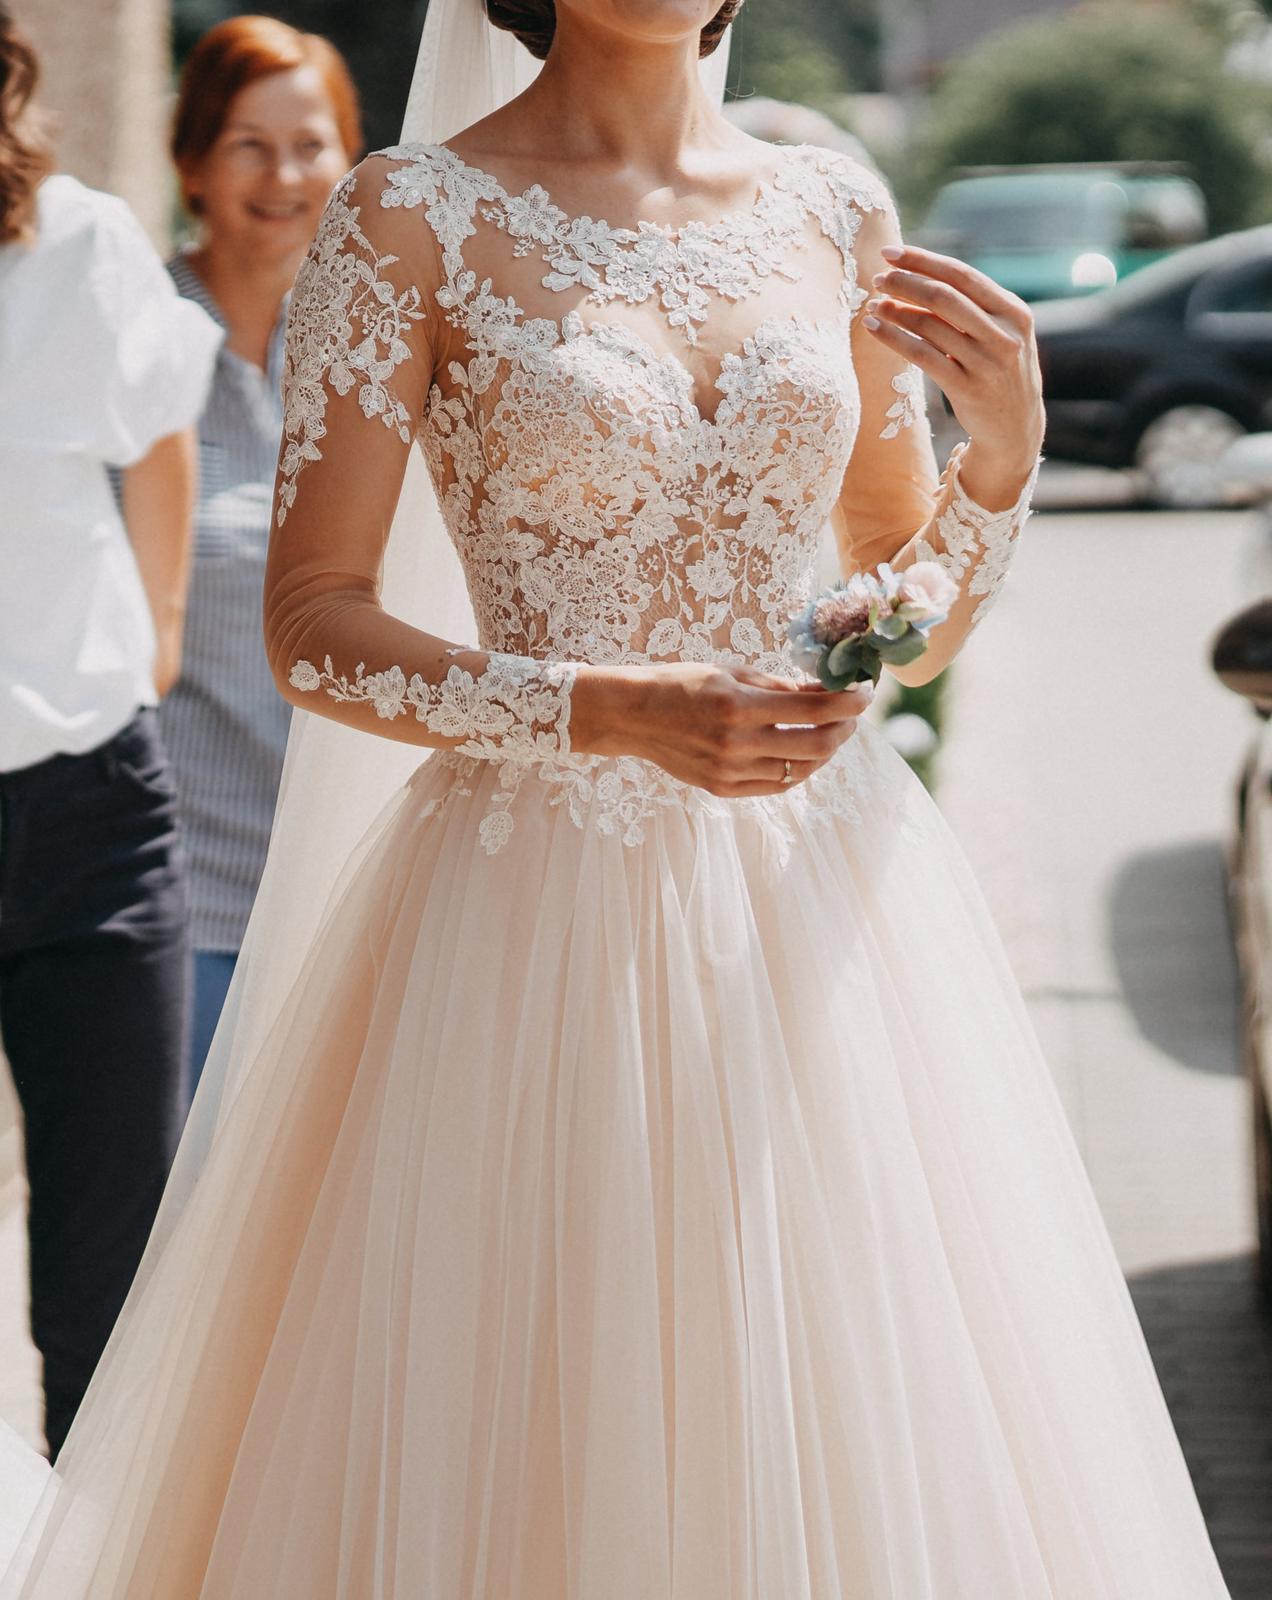 2927e147a98d Ivory čipkované svadobné šaty s tylovou sukňou